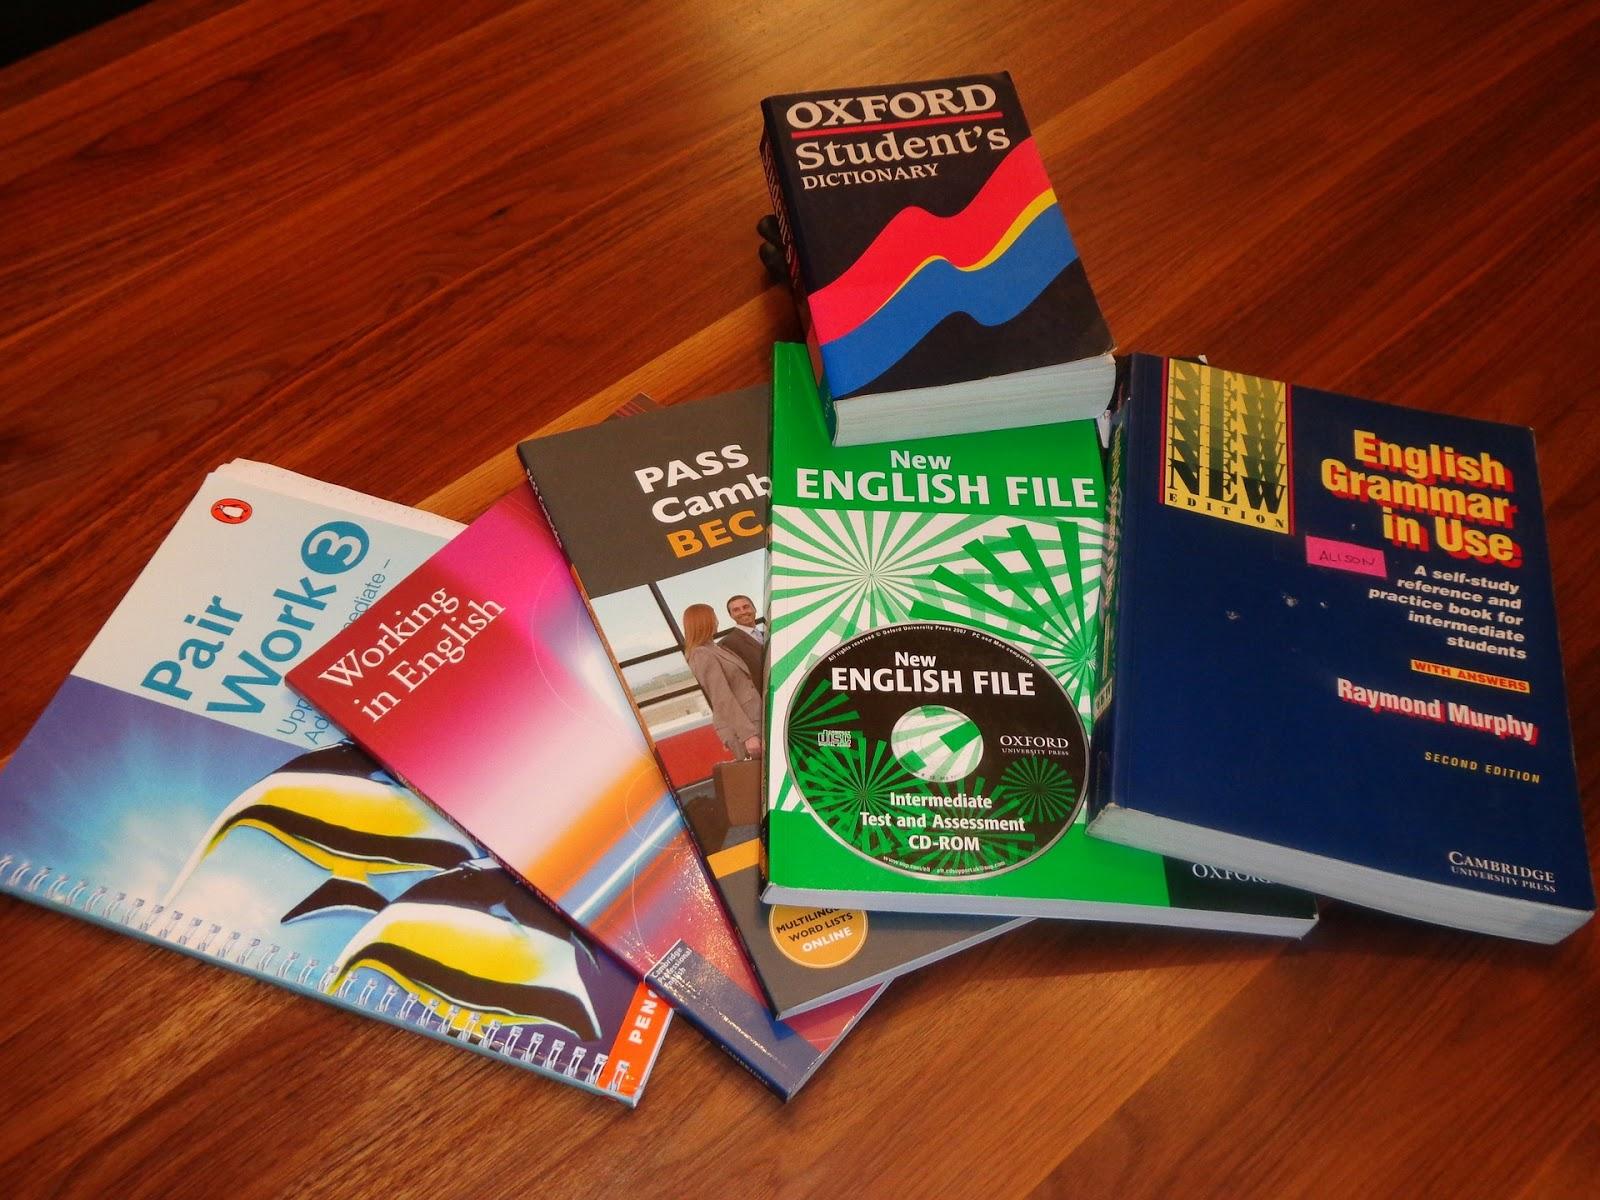 أشمل و افضل ثلاث دورات تعلم اللغة الانجليزية لللمبتدءين